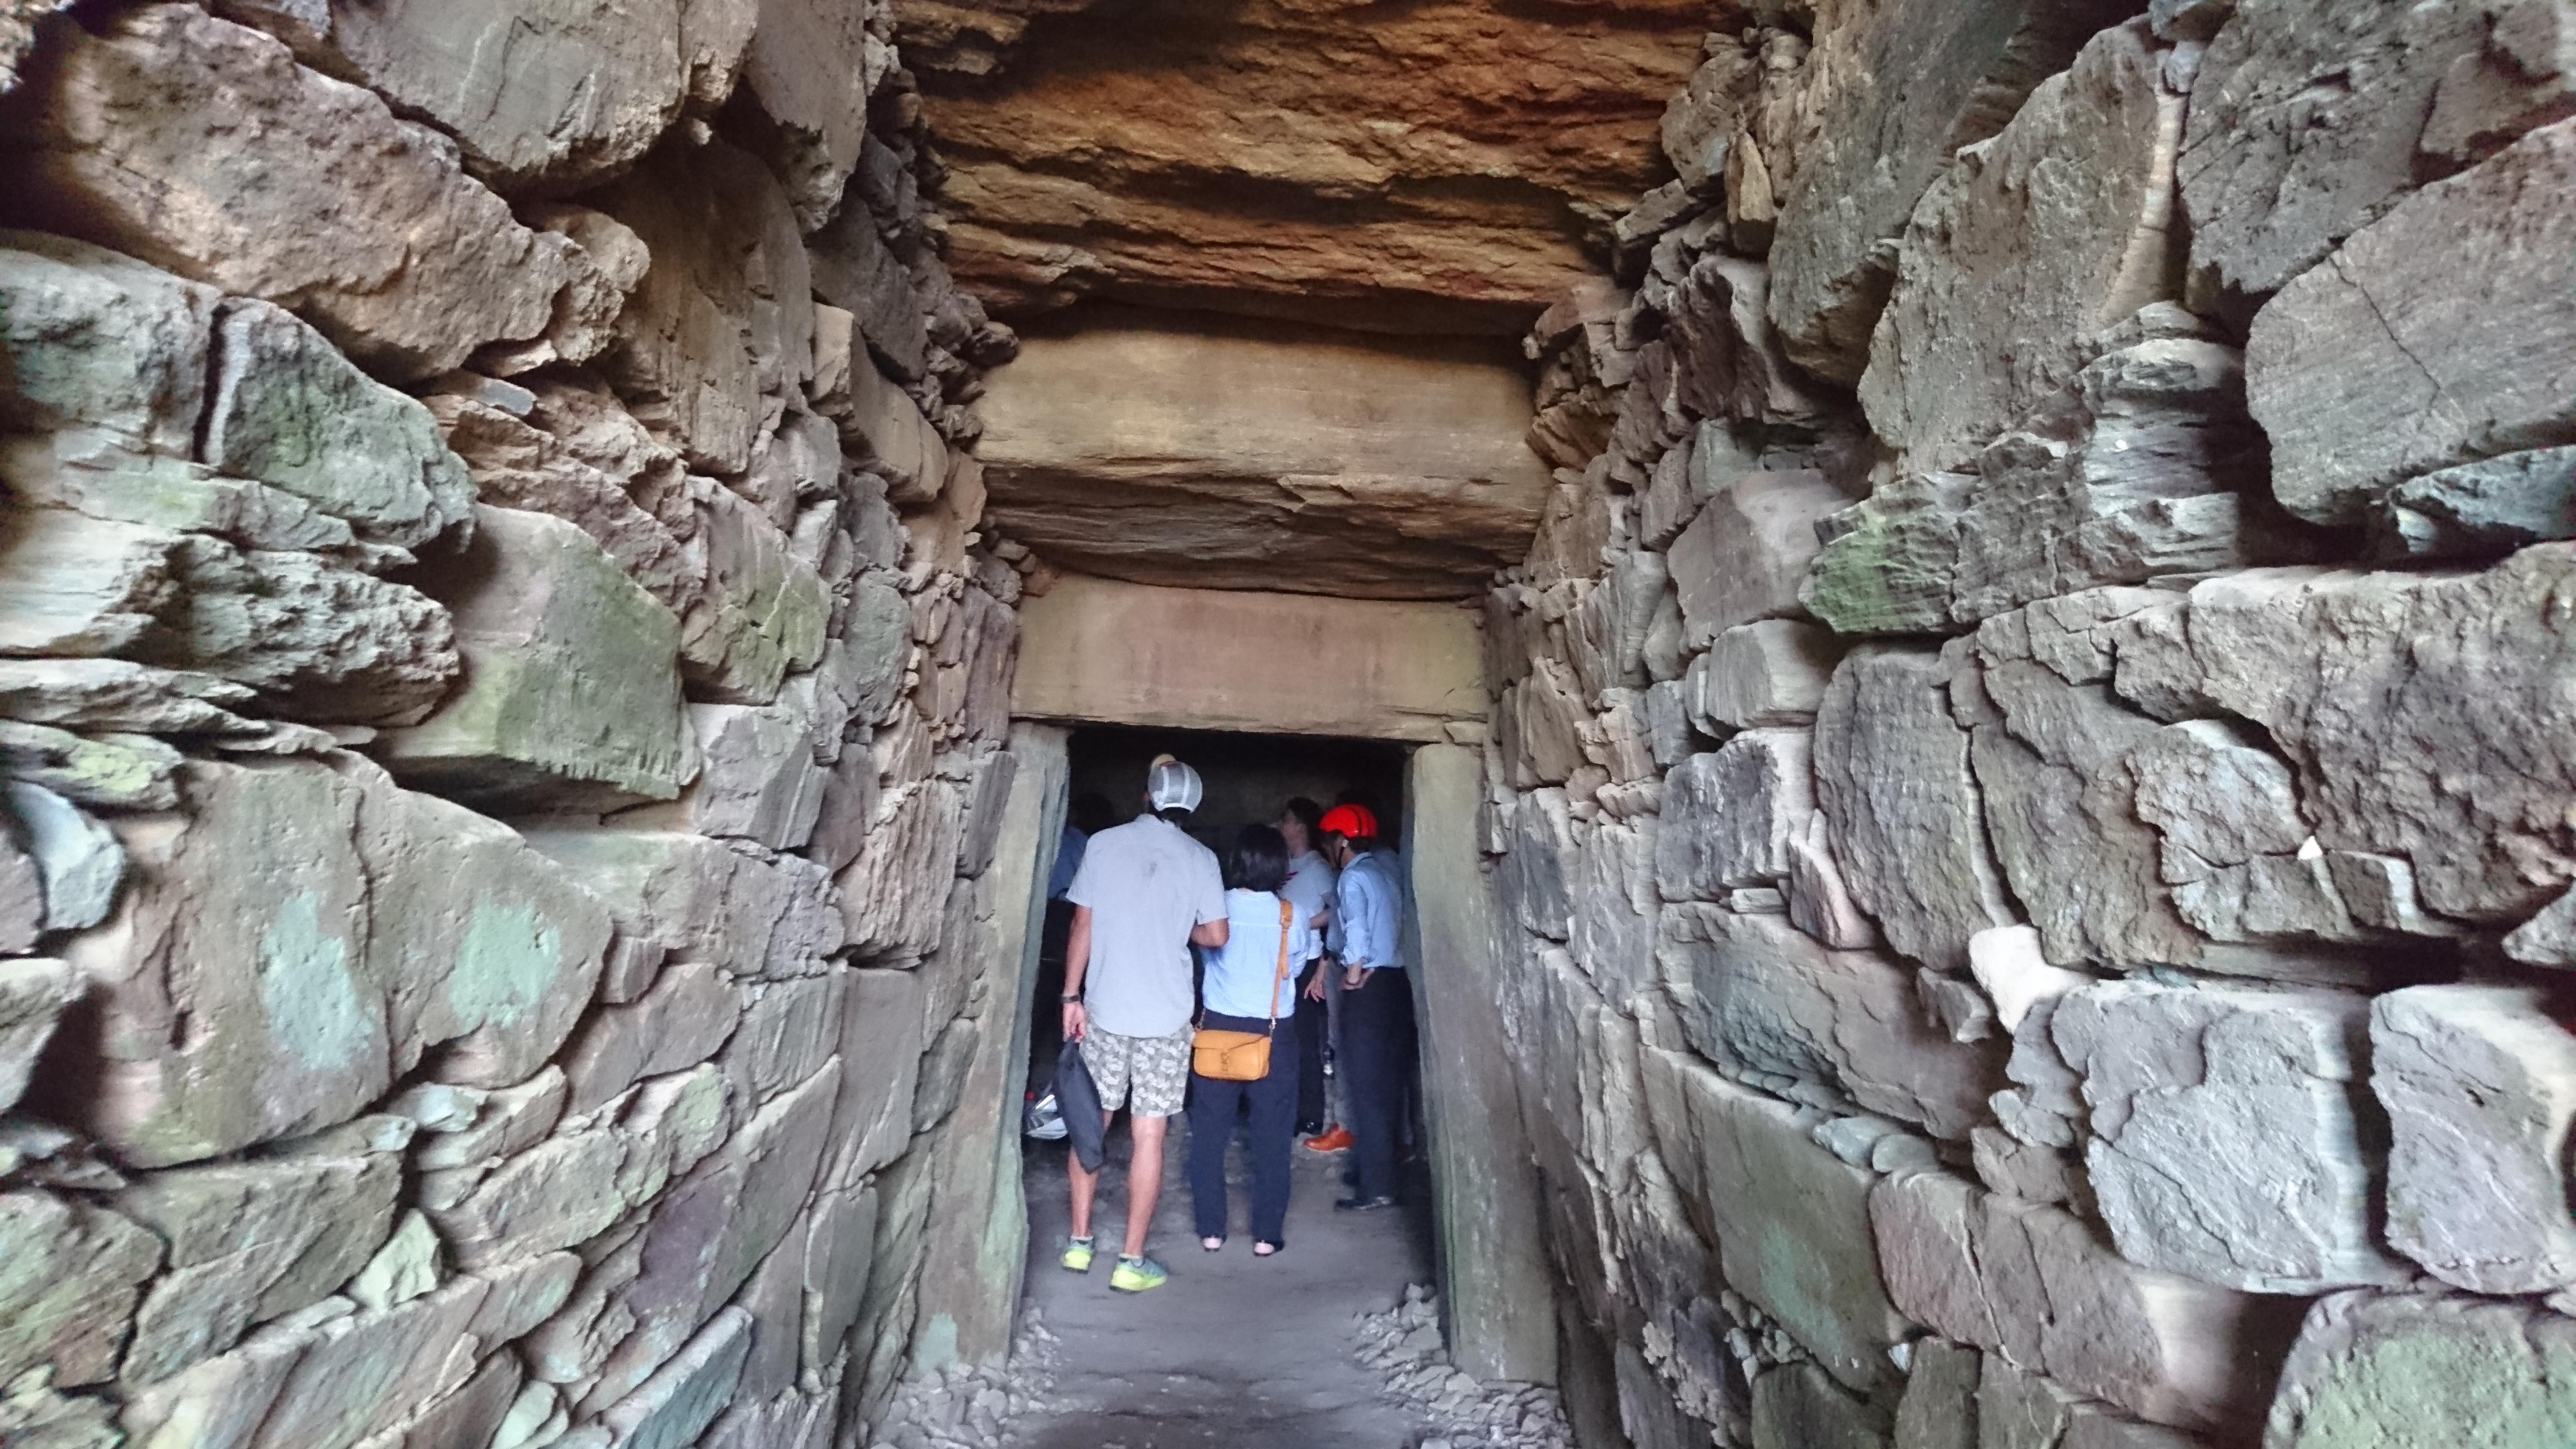 石室に入ることのできる古墳を探索!太古の人の石積みの技術に驚きます。